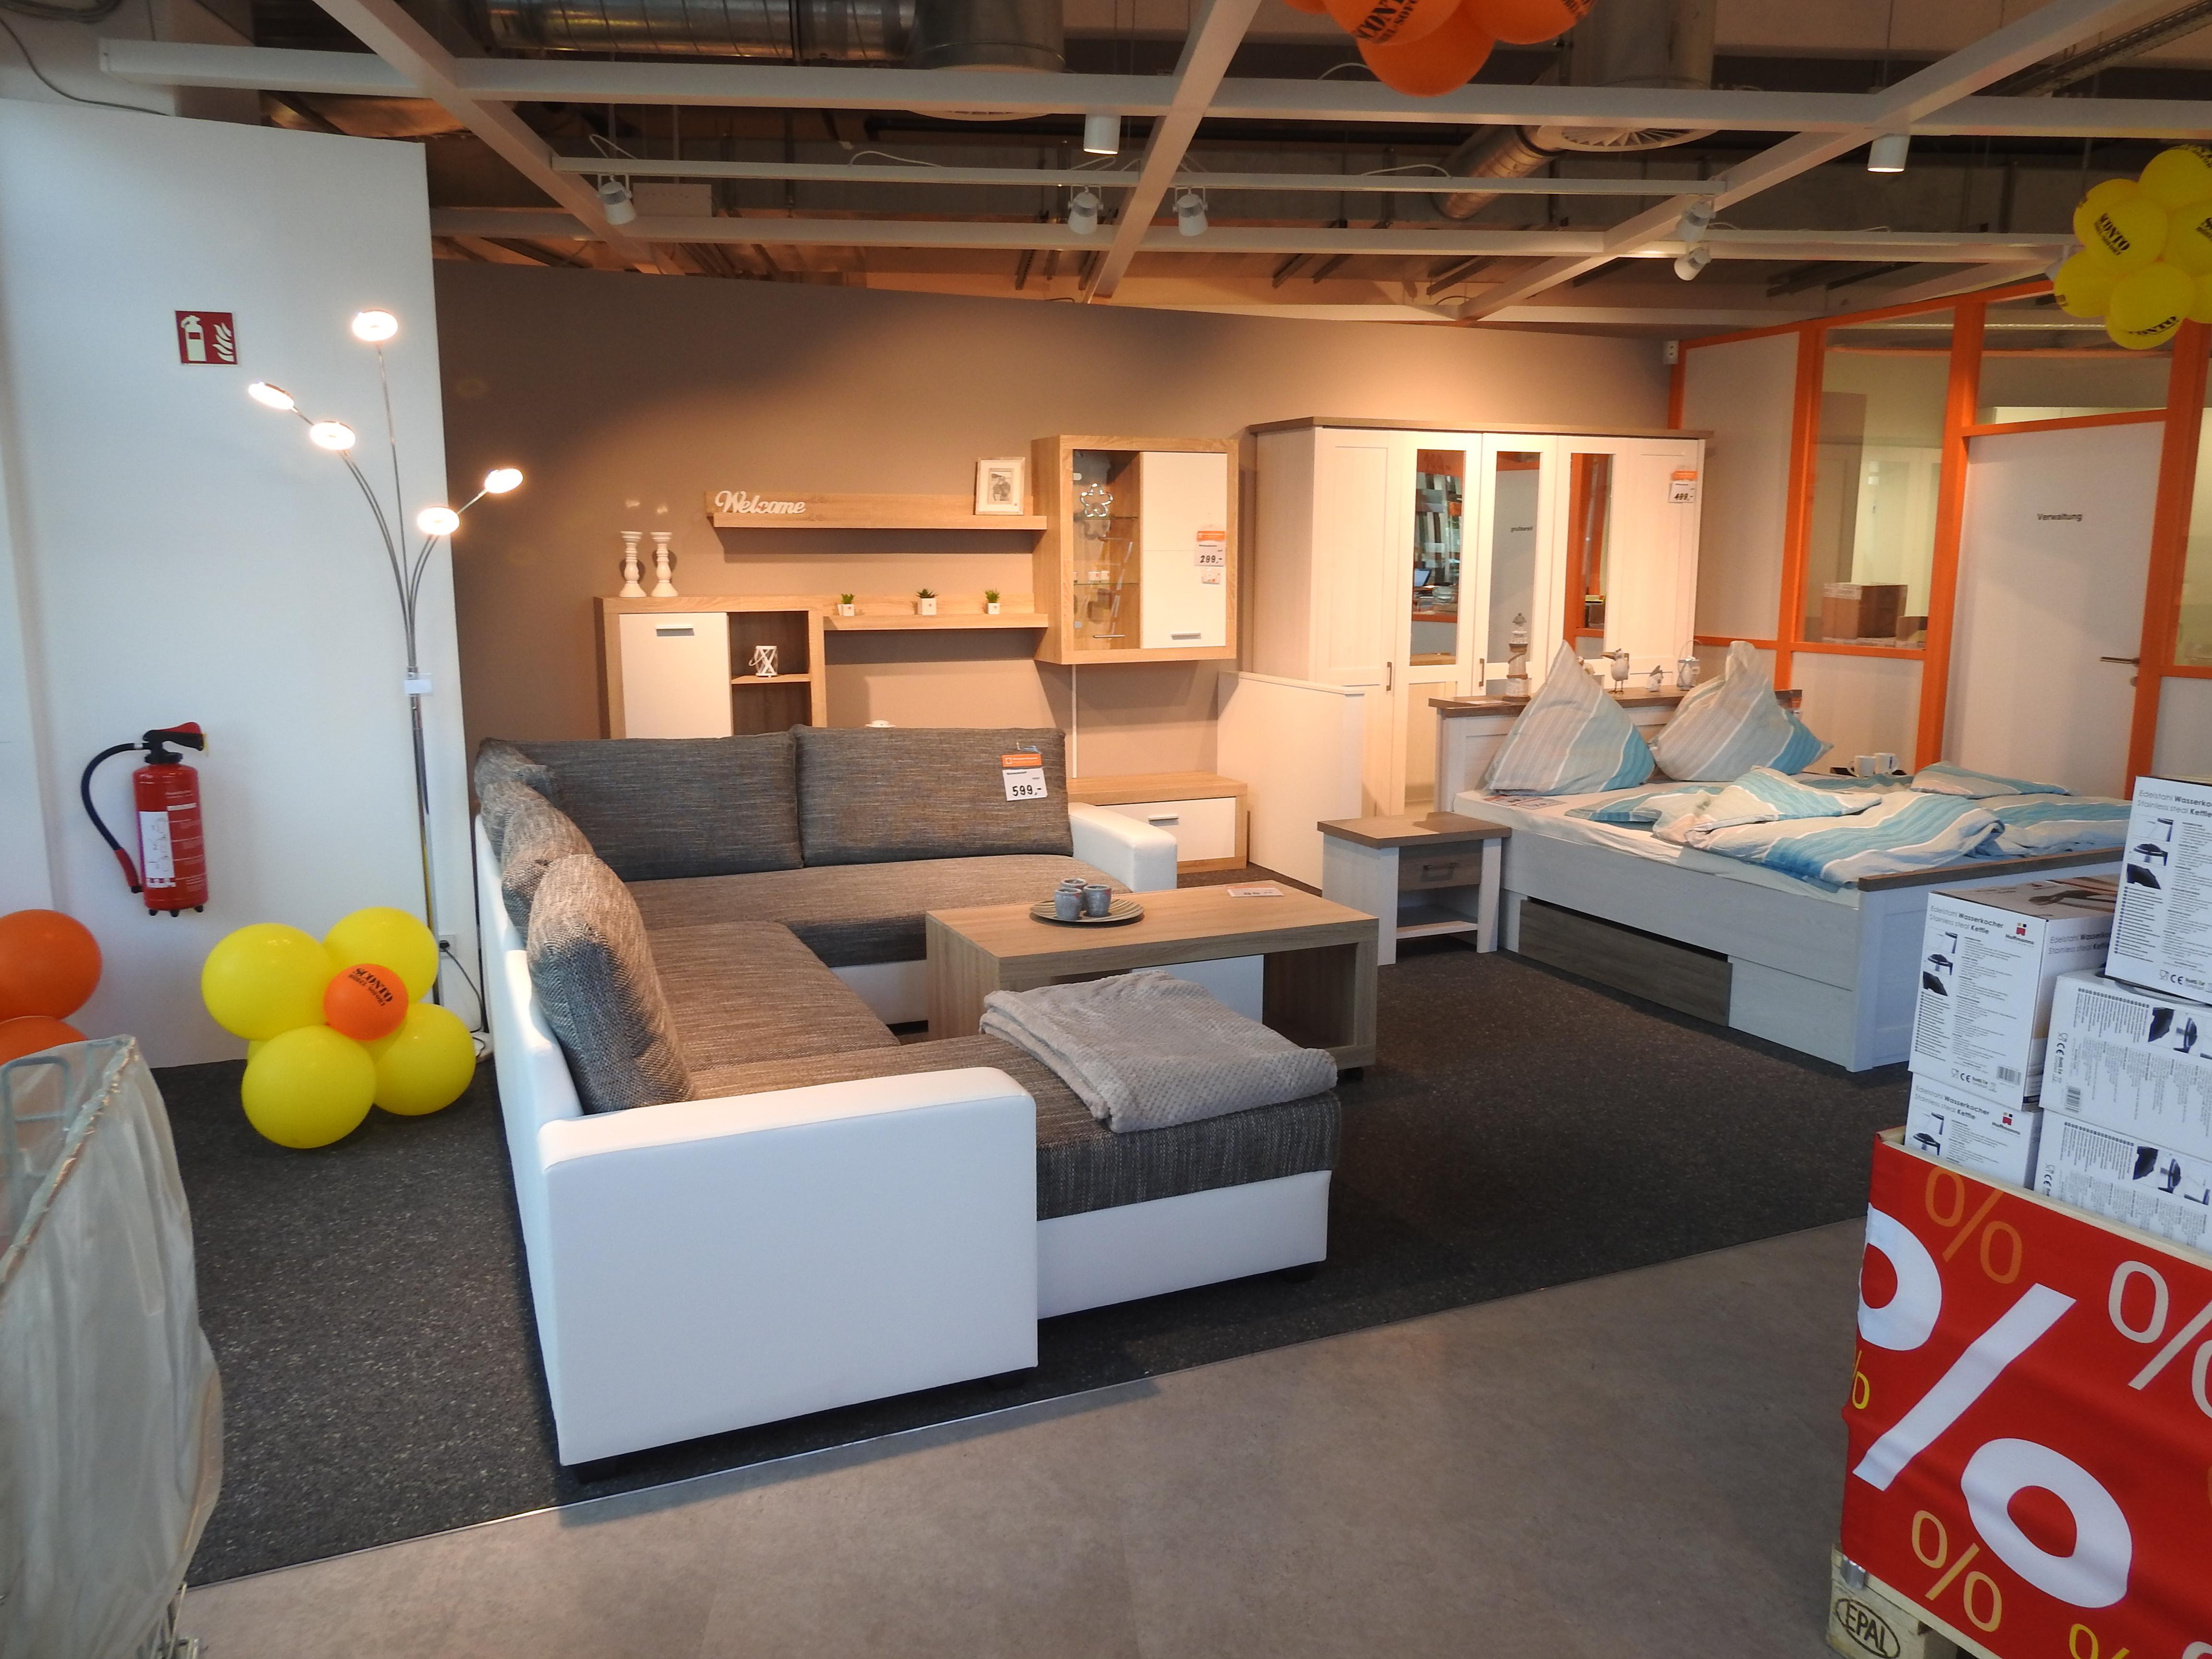 haus garten in mittel grundau ihre suche ergab 191 treffer infobel deutschland. Black Bedroom Furniture Sets. Home Design Ideas